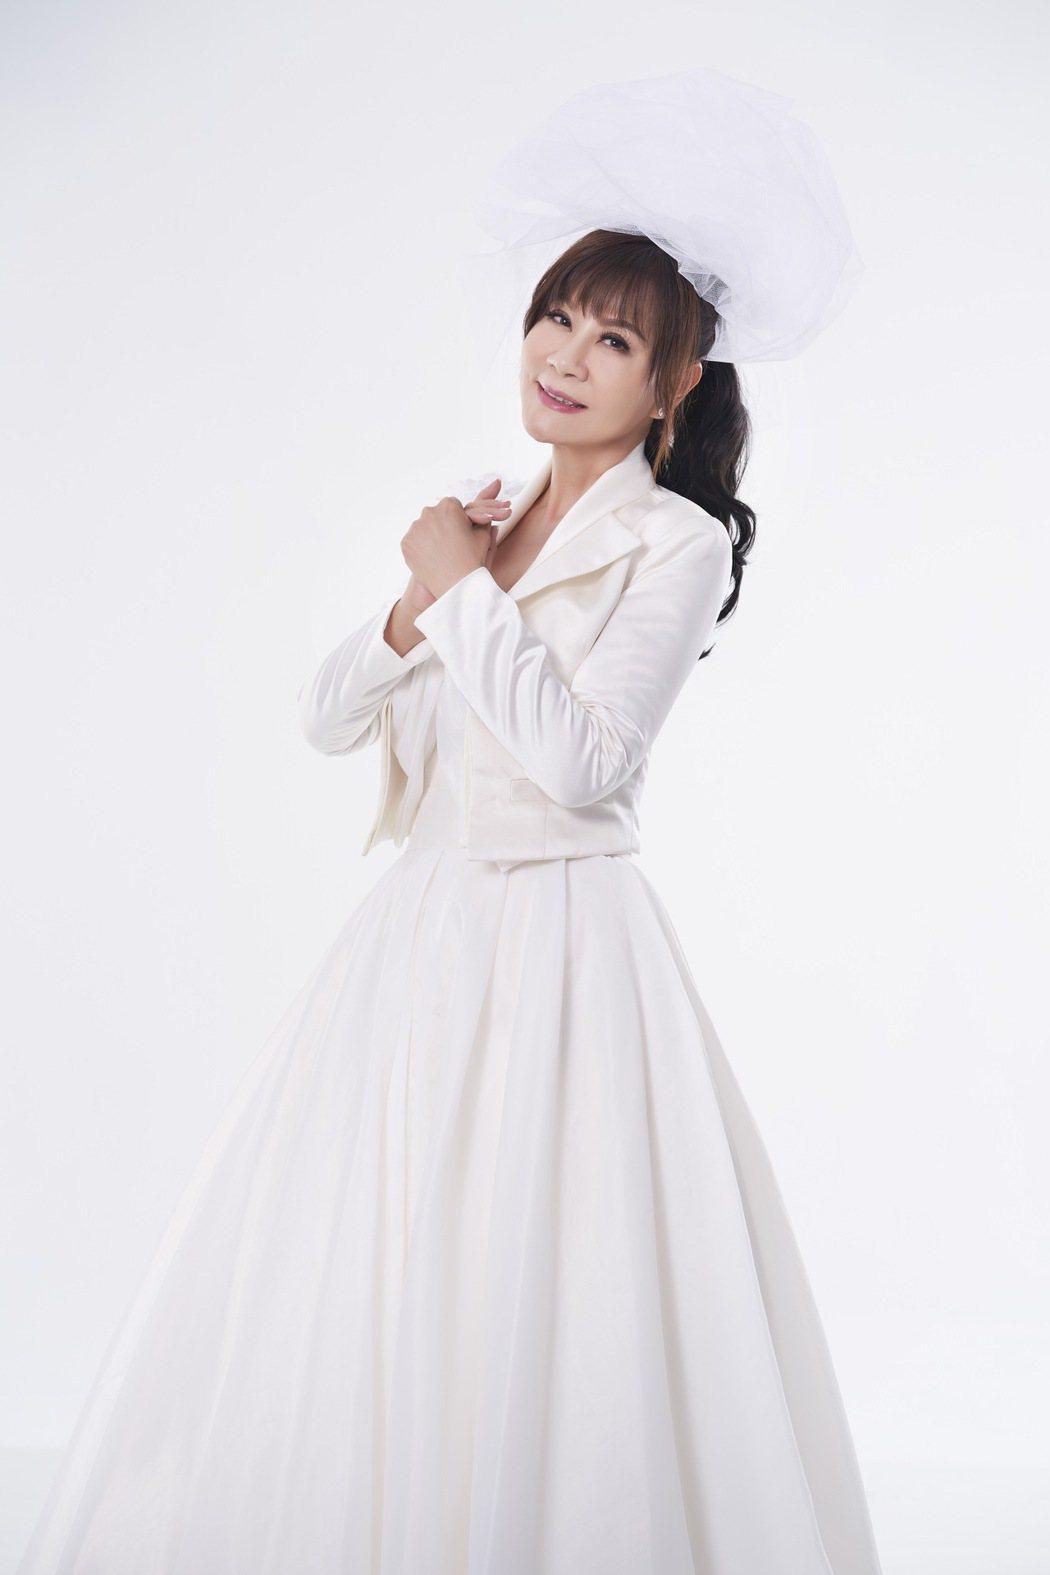 龍千玉推出全新專輯「出嫁」。圖/豪記唱片提供